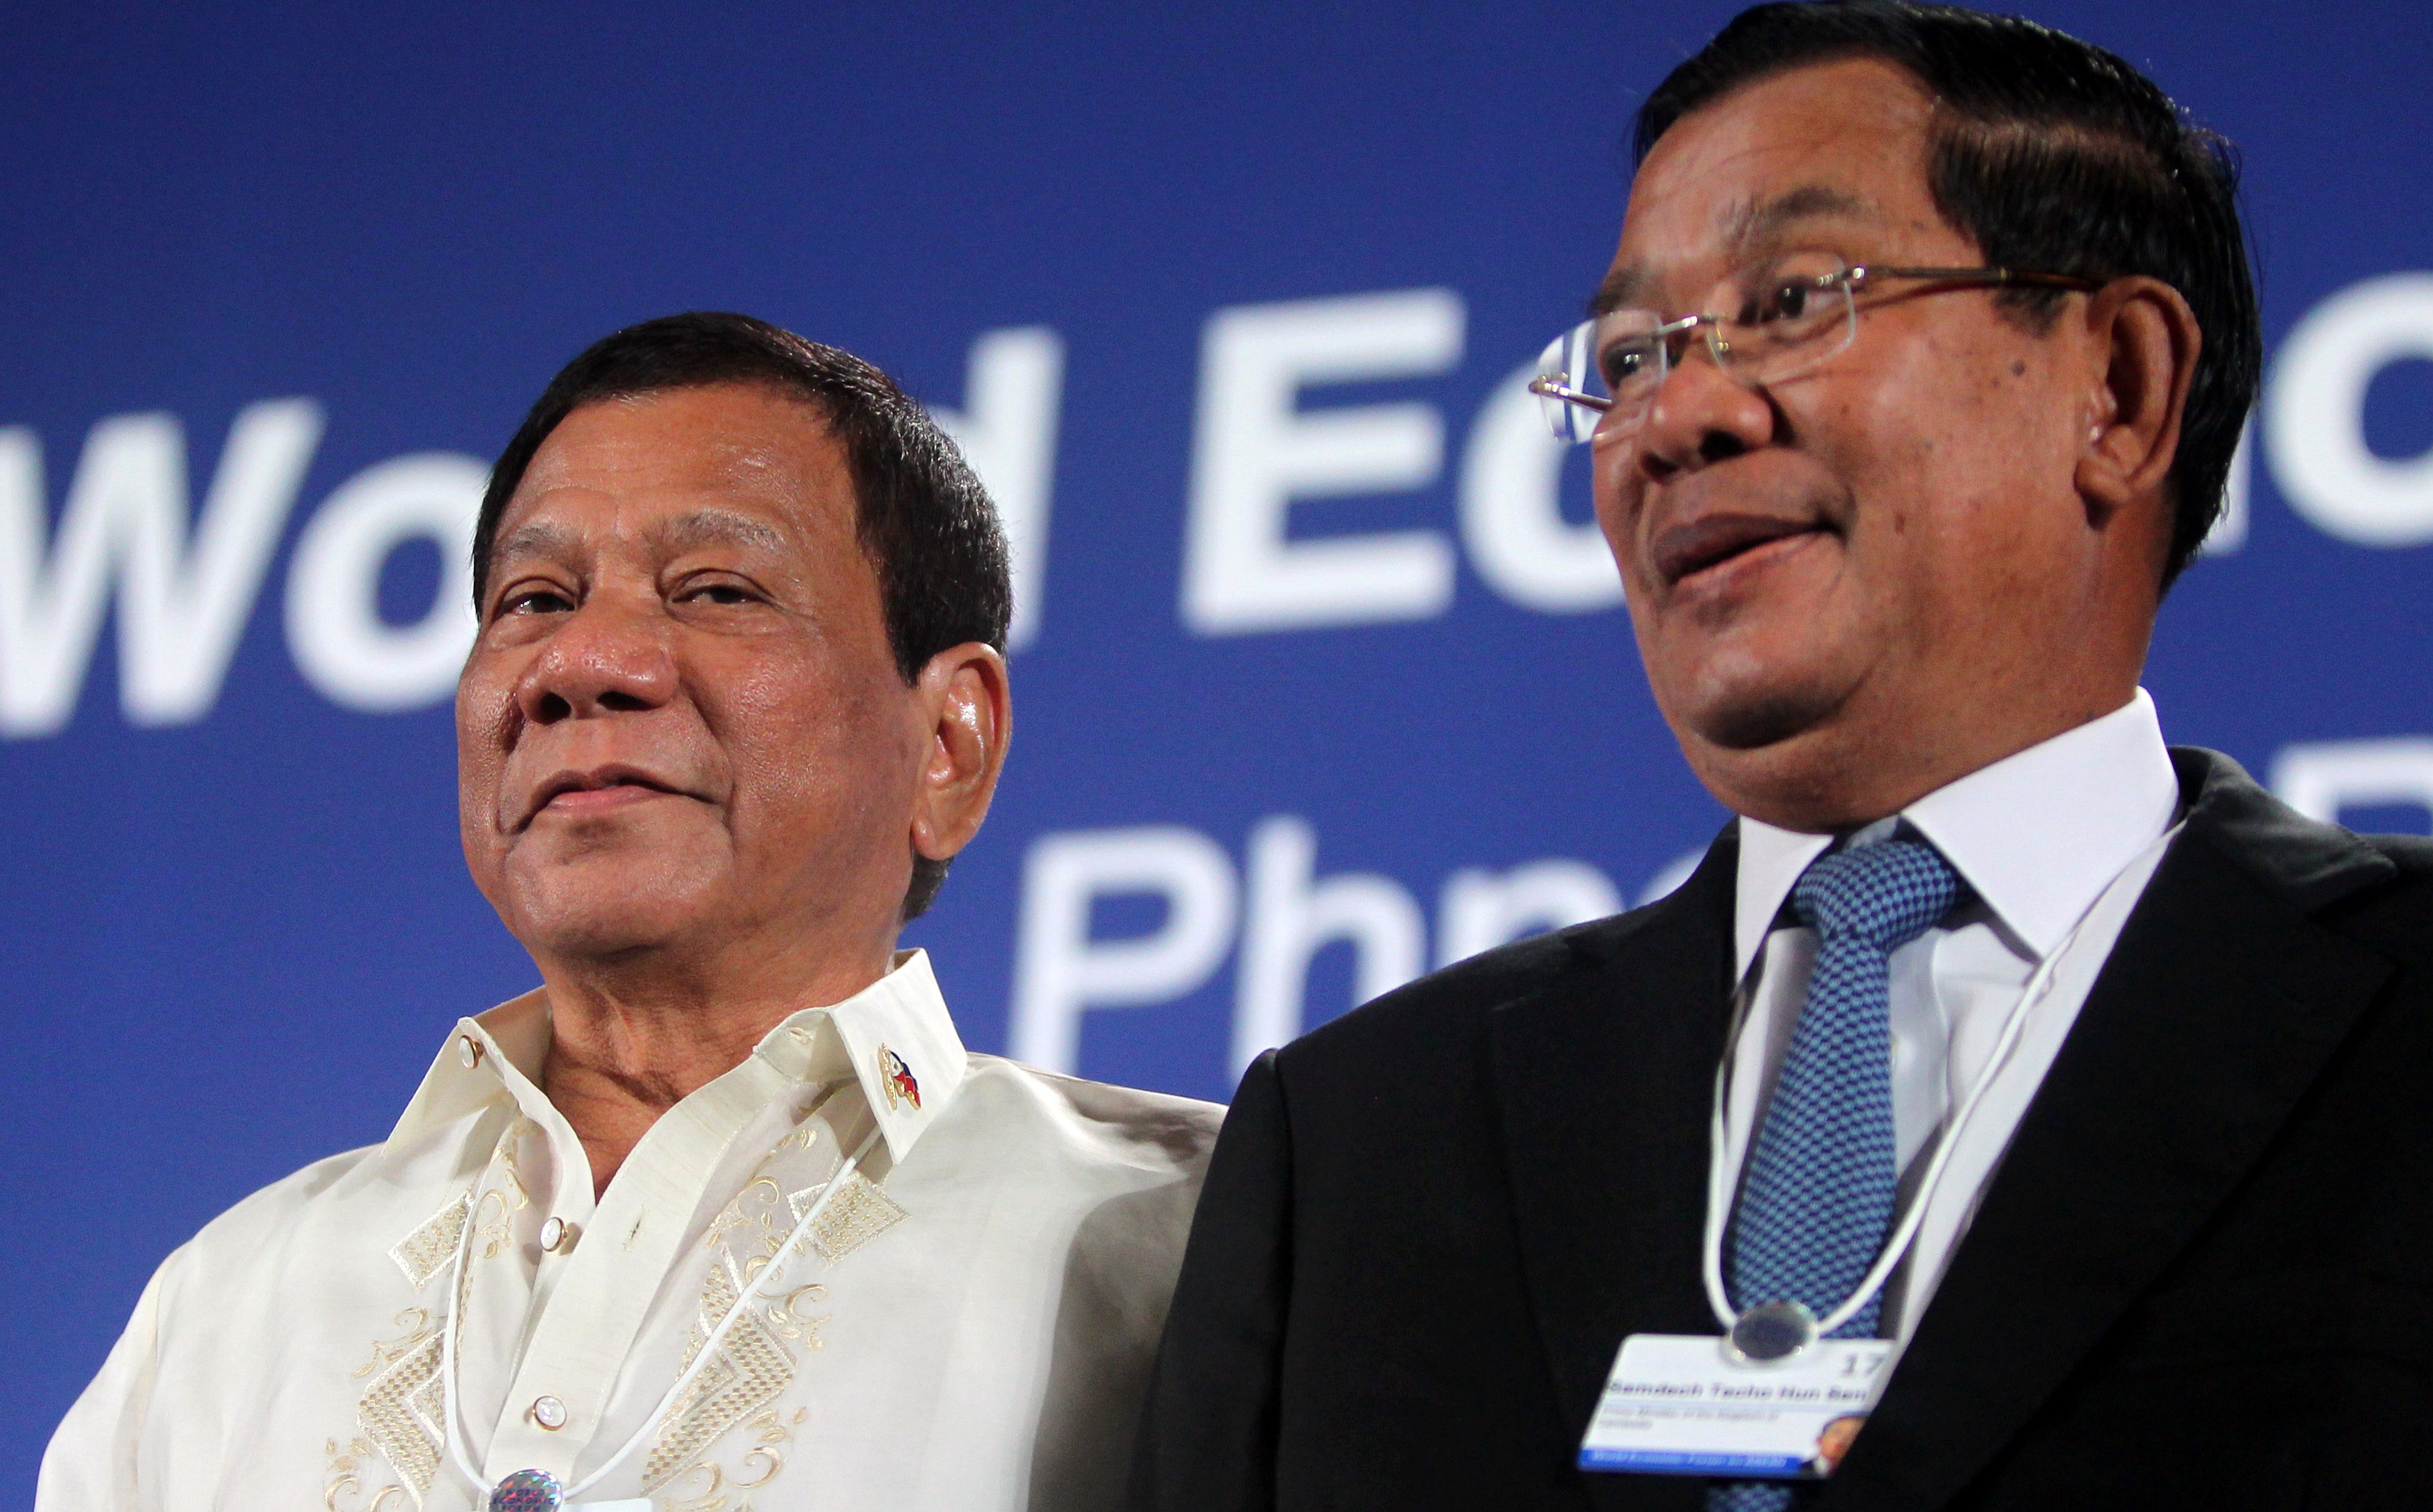 Philippine President Rodrigo Duterte and Cambodia's Prime Minister Hun Sen attend the World Economic Forum on ASEAN at a hotel in Phnom Penh